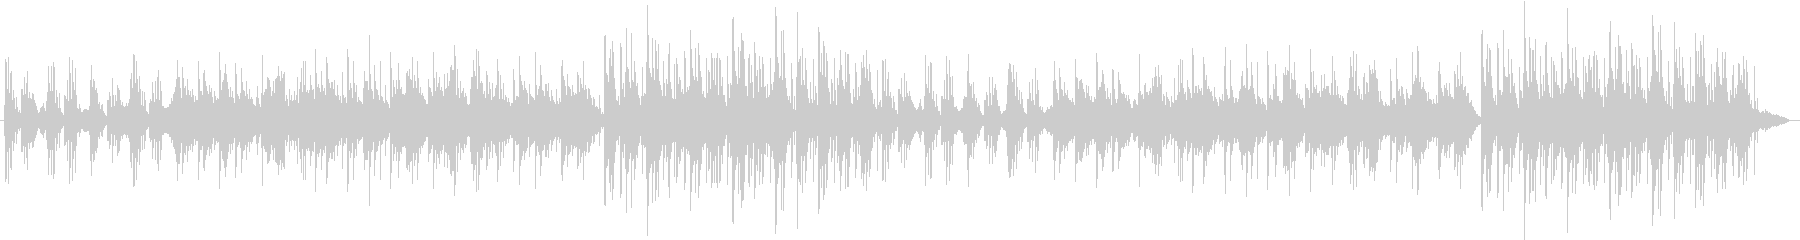 ピアノが静かなリズムで奏でますの未再生の波形